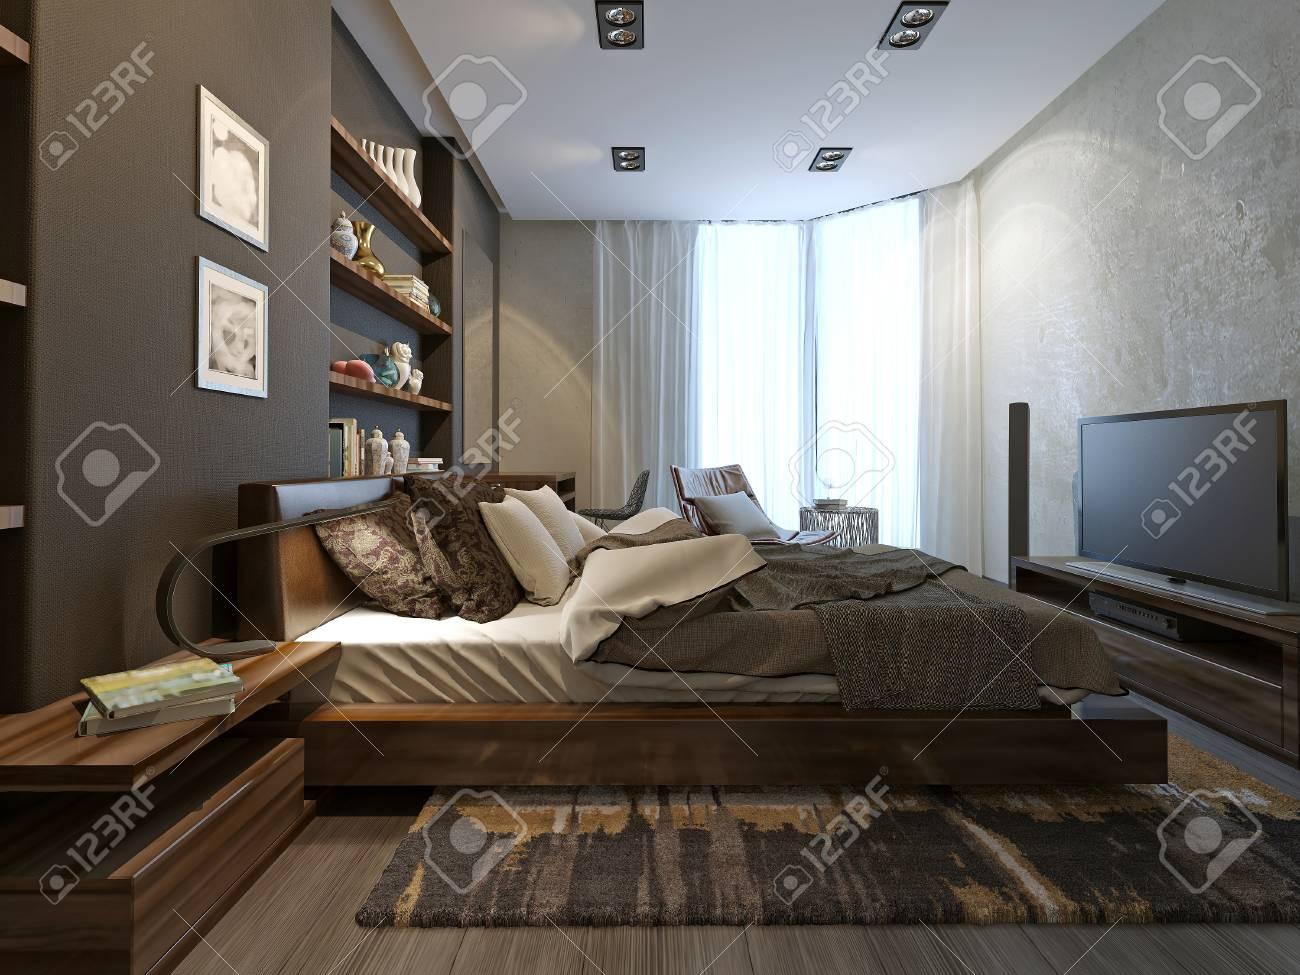 Intérieur Chambre dans un style moderne, modèle 3d